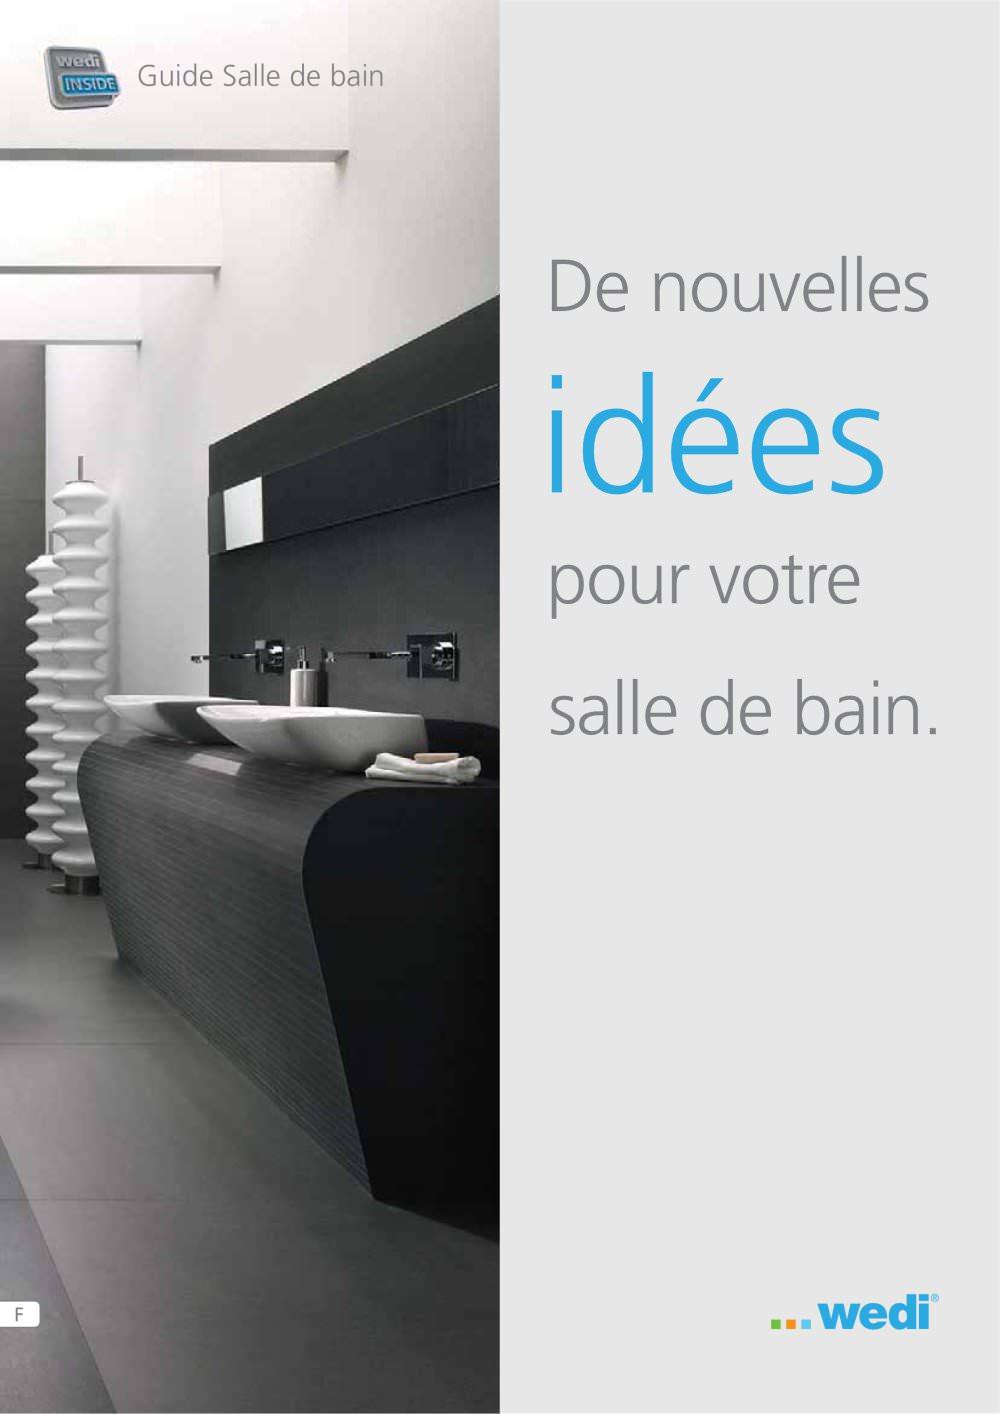 Guide salle de bain   de nouvelles idées pour votre salle de bain ...